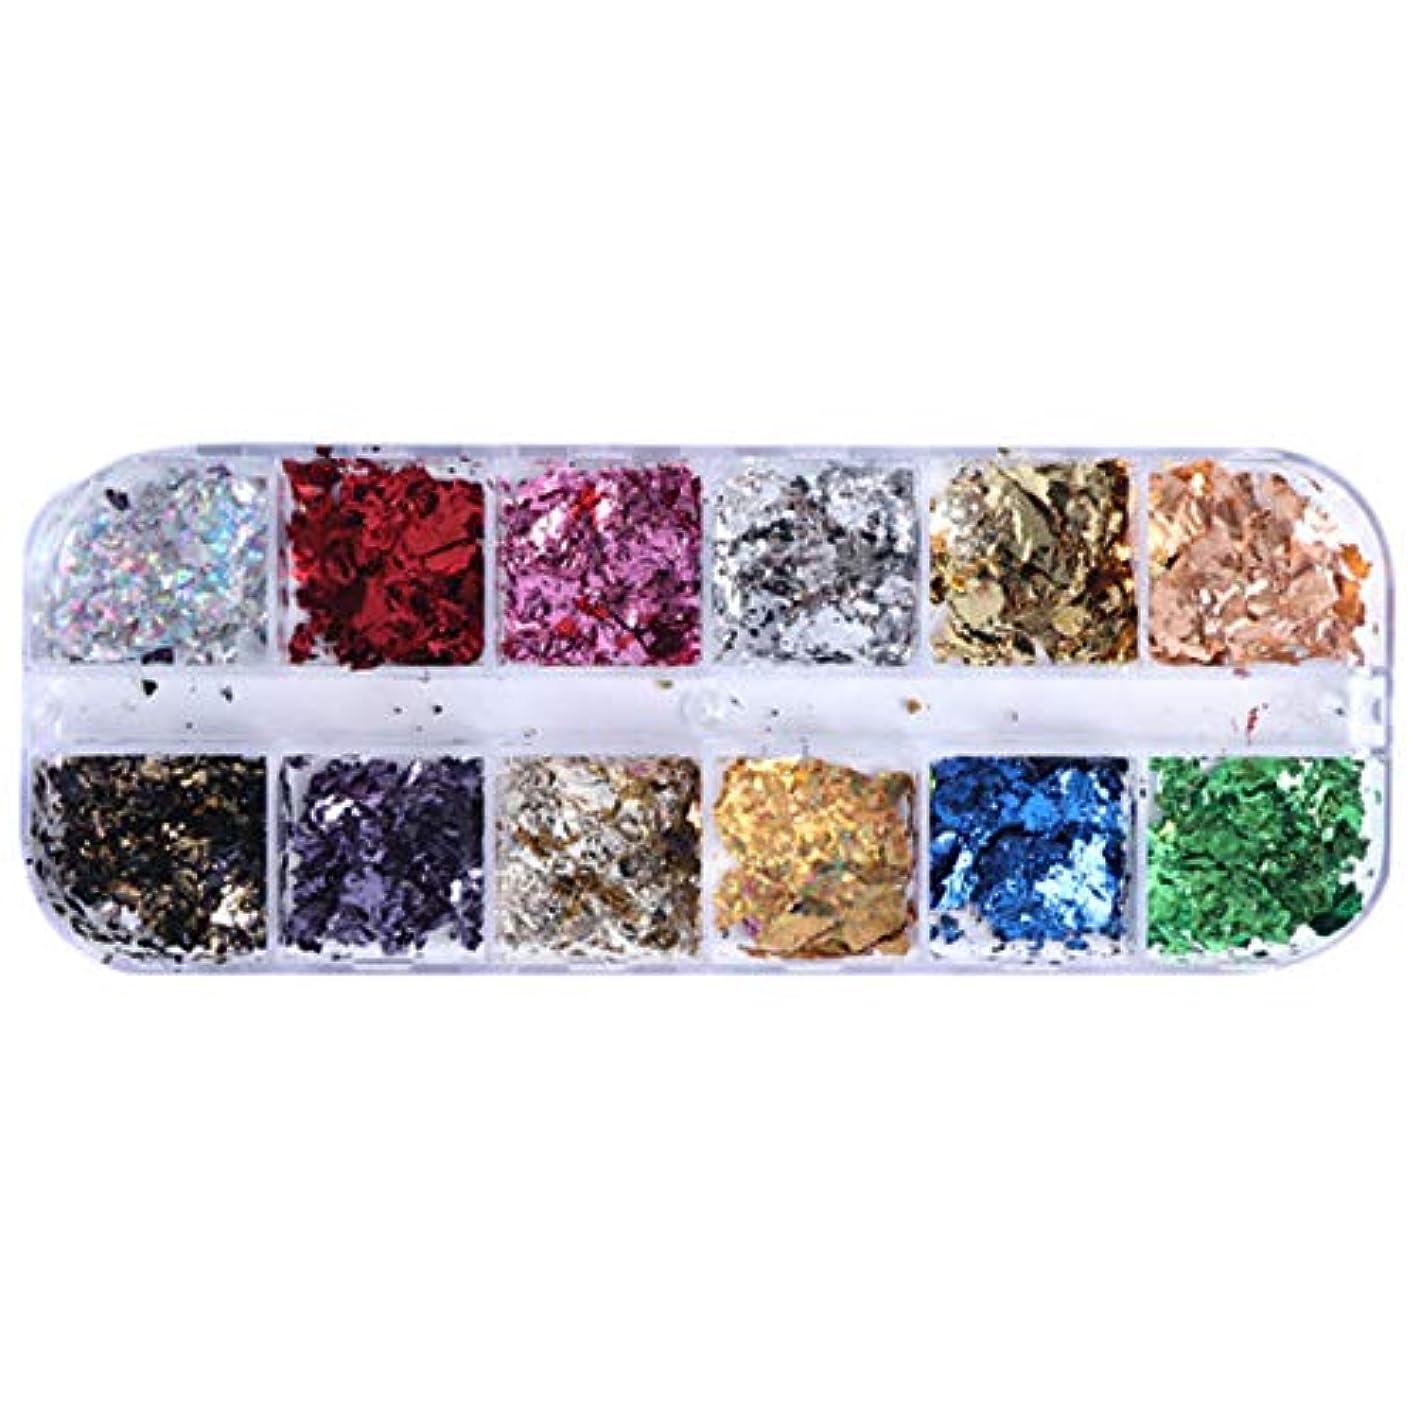 学習画家報いるTOOGOO 12グリッドネイルスパンコールスパンコールアルミニウム不規則フレーク 金銀顔料ネイルアートデコレーション ミラーグリッター箔紙CBY